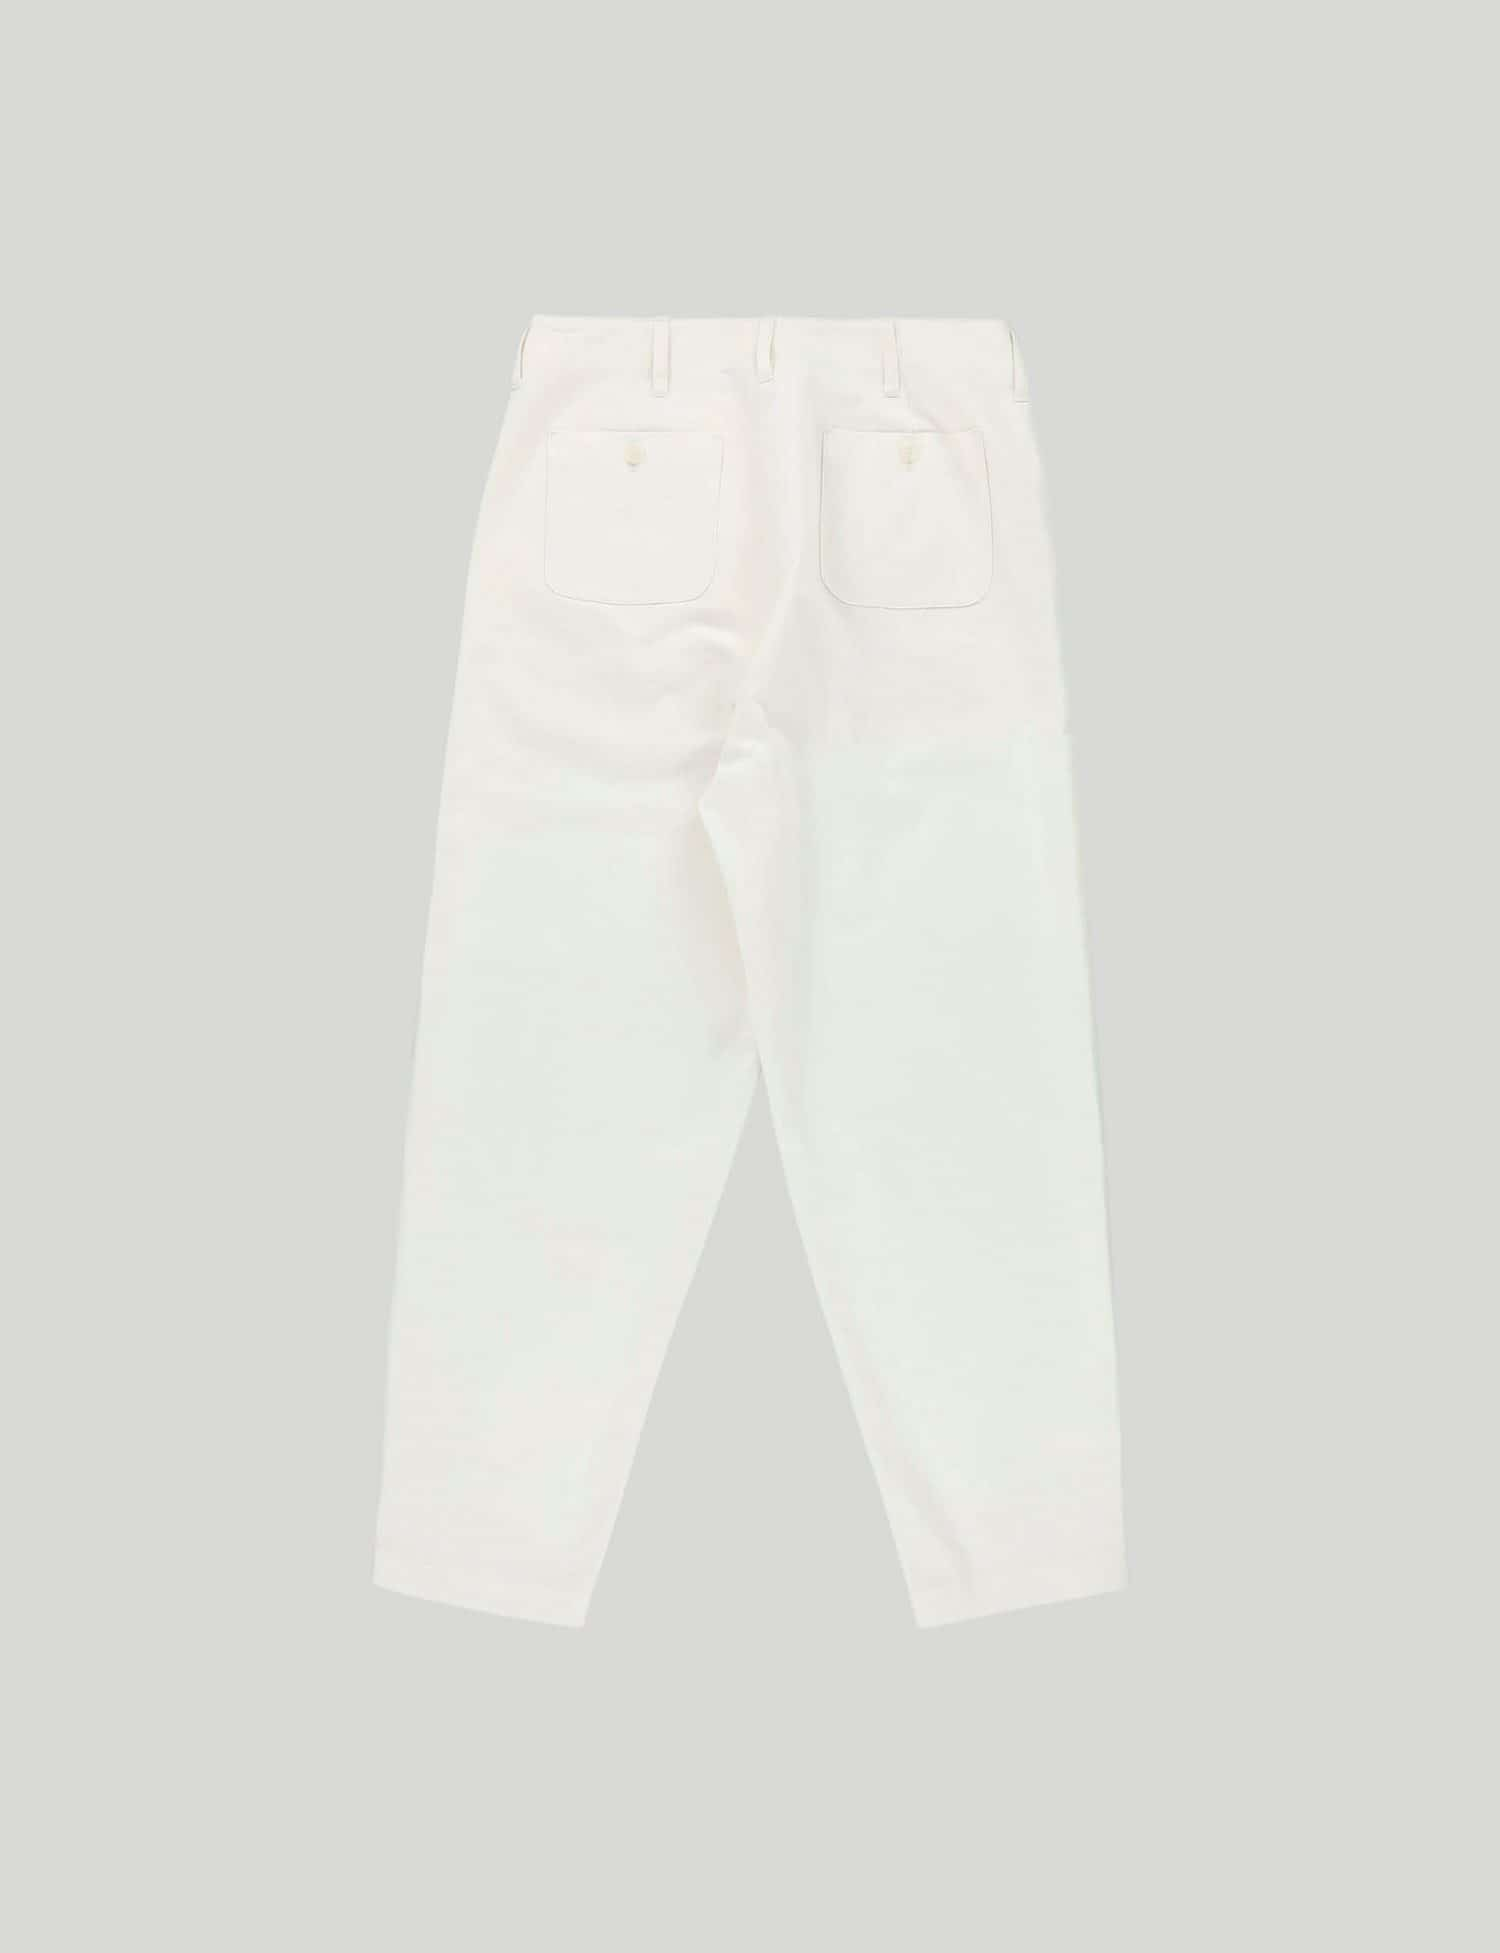 Castart - Beachspider Trouser - Off-white